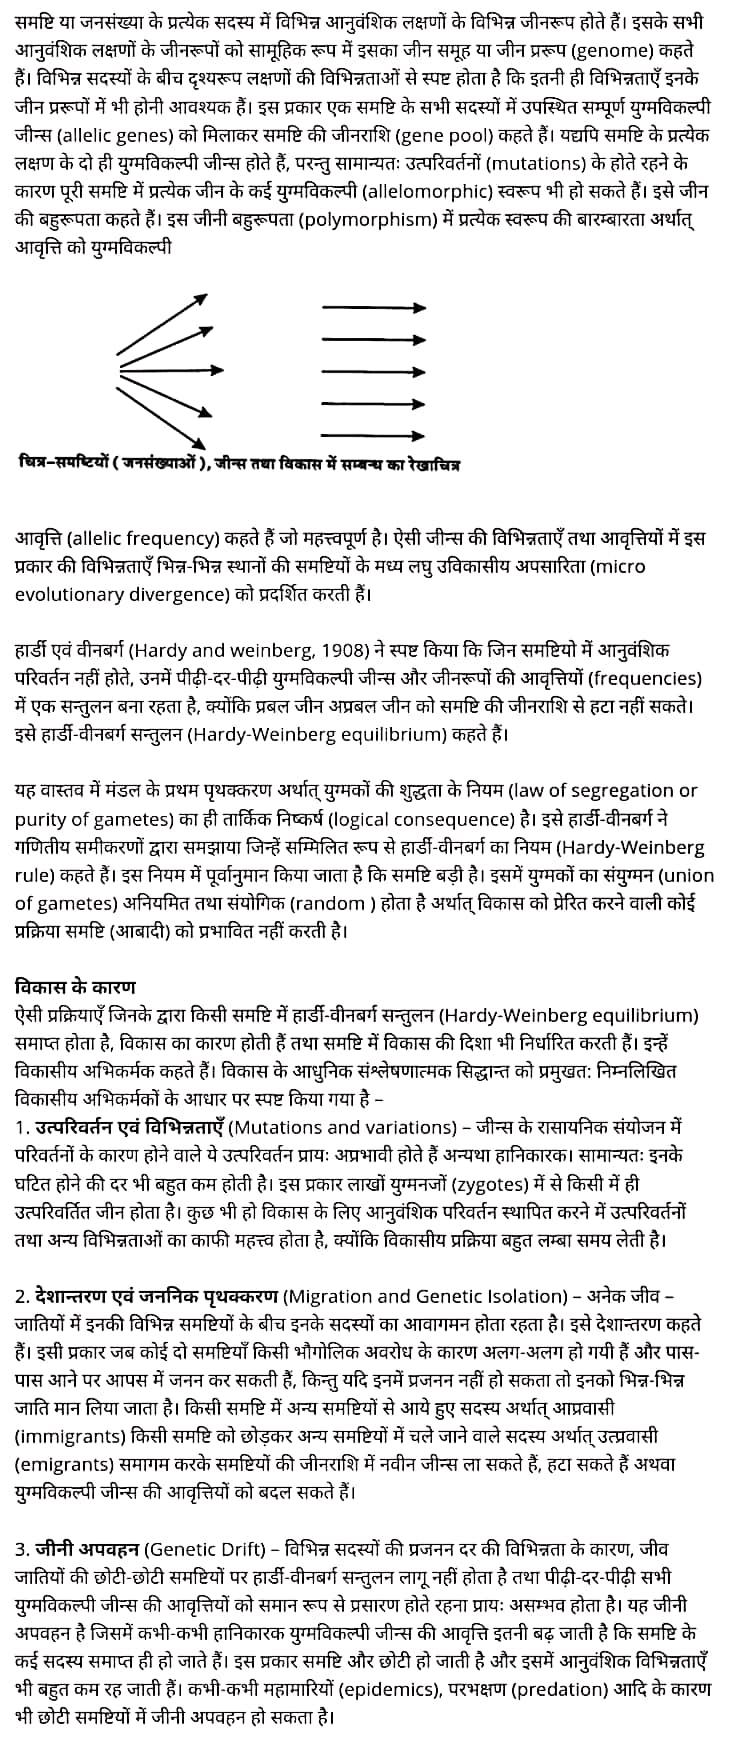 class 12   Biology   Chapter 7,  class 12   Biology   Chapter 7 ncert solutions in hindi,  class 12   Biology   Chapter 7 notes in hindi,  class 12   Biology   Chapter 7 question answer,  class 12   Biology   Chapter 7 notes,  12   class Biology   Chapter 7 in hindi,  class 12   Biology   Chapter 7 in hindi,  class 12   Biology   Chapter 7 important questions in hindi,  class 12   Biology    notes in hindi,   class 12   Biology   Chapter 7 test,  class 12   Biology   Chapter 7 pdf,  class 12   Biology   Chapter 7 notes pdf,  class 12   Biology   Chapter 7 exercise solutions,  class 12   Biology   Chapter 7, class 12   Biology   Chapter 7 notes study rankers,  class 12   Biology   Chapter 7 notes,  class 12   Biology   notes,   Biology    class 12   notes pdf,  Biology   class 12   notes 2021 ncert,  Biology   class 12   pdf,  Biology    book,  Biology   quiz class 12  ,   12  th Biology    book up board,  up board 12  th Biology   notes,   कक्षा 12   जीव विज्ञान  अध्याय 7, कक्षा 12   जीव विज्ञान  का अध्याय 7 ncert solution in hindi, कक्षा 12   जीव विज्ञान  के अध्याय 7 के नोट्स हिंदी में, कक्षा 12   का जीव विज्ञान  अध्याय 7 का प्रश्न उत्तर, कक्षा 12   जीव विज्ञान  अध्याय 7 के नोट्स, 12   कक्षा जीव विज्ञान  अध्याय 7 हिंदी में, कक्षा 12   जीव विज्ञान  अध्याय 7 हिंदी में,कक्षा 12   जीव विज्ञान  अध्याय 7 महत्वपूर्ण प्रश्न हिंदी में, कक्षा 12   के जीव विज्ञान  के नोट्स हिंदी में,  जीव विज्ञान  कक्षा 12   नोट्स pdf,  जीव विज्ञान  कक्षा 12   नोट्स 2021 ncert,  जीव विज्ञान  कक्षा 12   pdf,  जीव विज्ञान  पुस्तक,  जीव विज्ञान  की बुक,  जीव विज्ञान  प्रश्नोत्तरी class 12  , 12   वीं जीव विज्ञान  पुस्तक up board,  बिहार बोर्ड 12  पुस्तक वीं जीव विज्ञान  नोट्स,    12th Biology    book in hindi,12  th Biology    notes in hindi,cbse books for class 12  ,cbse books in hindi,cbse ncert books,class 12   Biology   notes in hindi,class 12   hindi ncert solutions,Biology   2020,Biology   2021,Biology   2022,Biology   book class 12  ,Biology    book in hindi,Biology   class 12   in hindi,